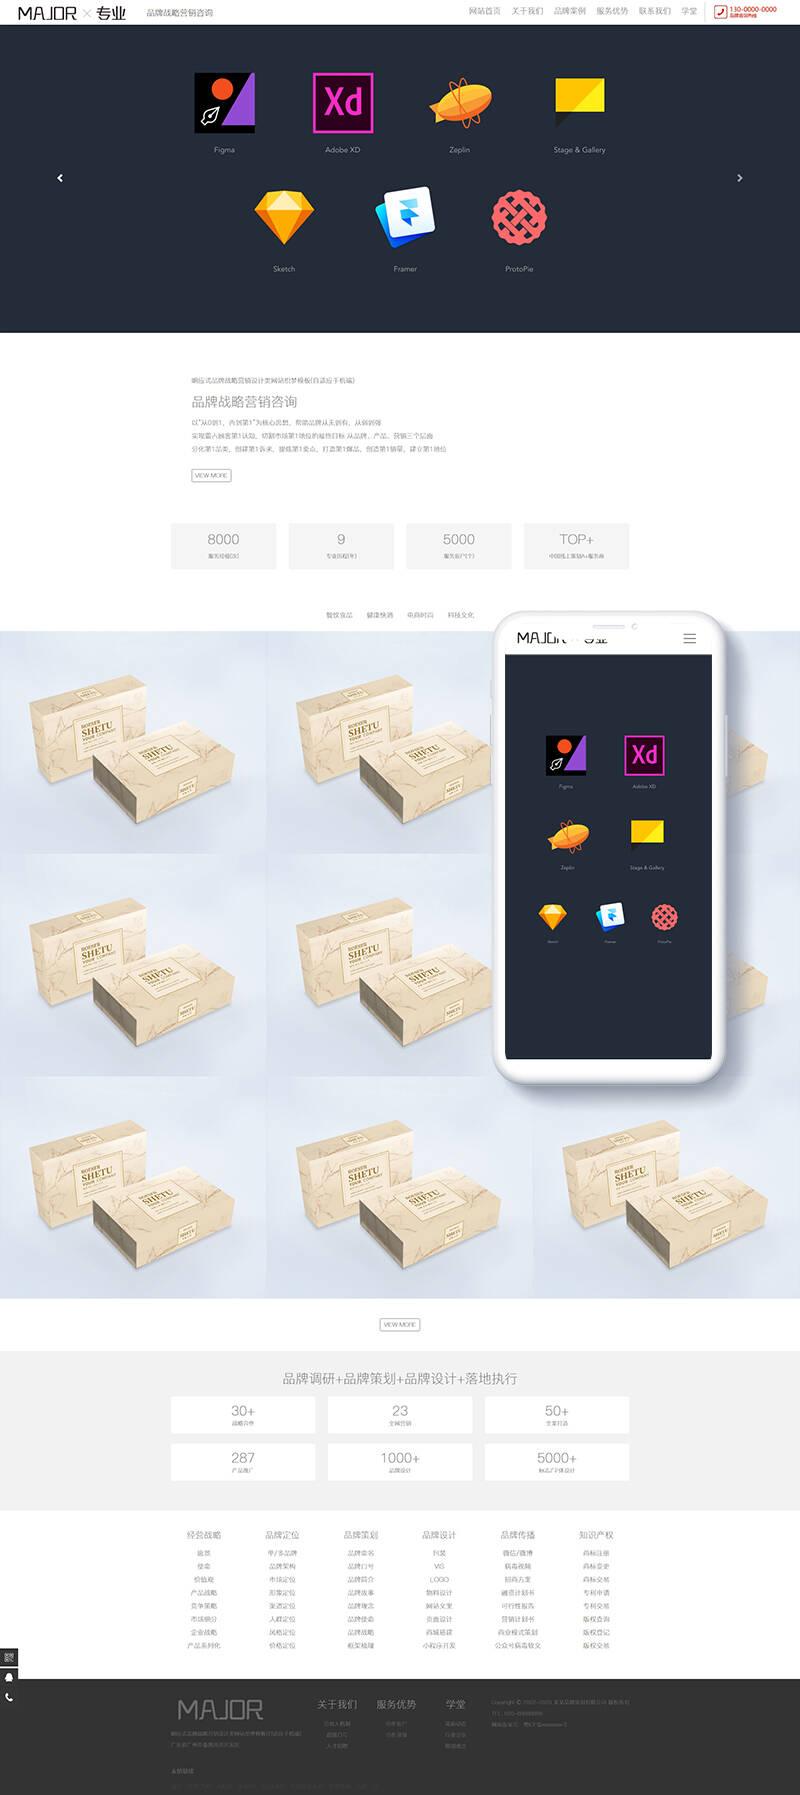 织梦dedecms模板HTML5响应式品牌战略营销设计类网站织梦模板(自适应手机端)利于SEO优化